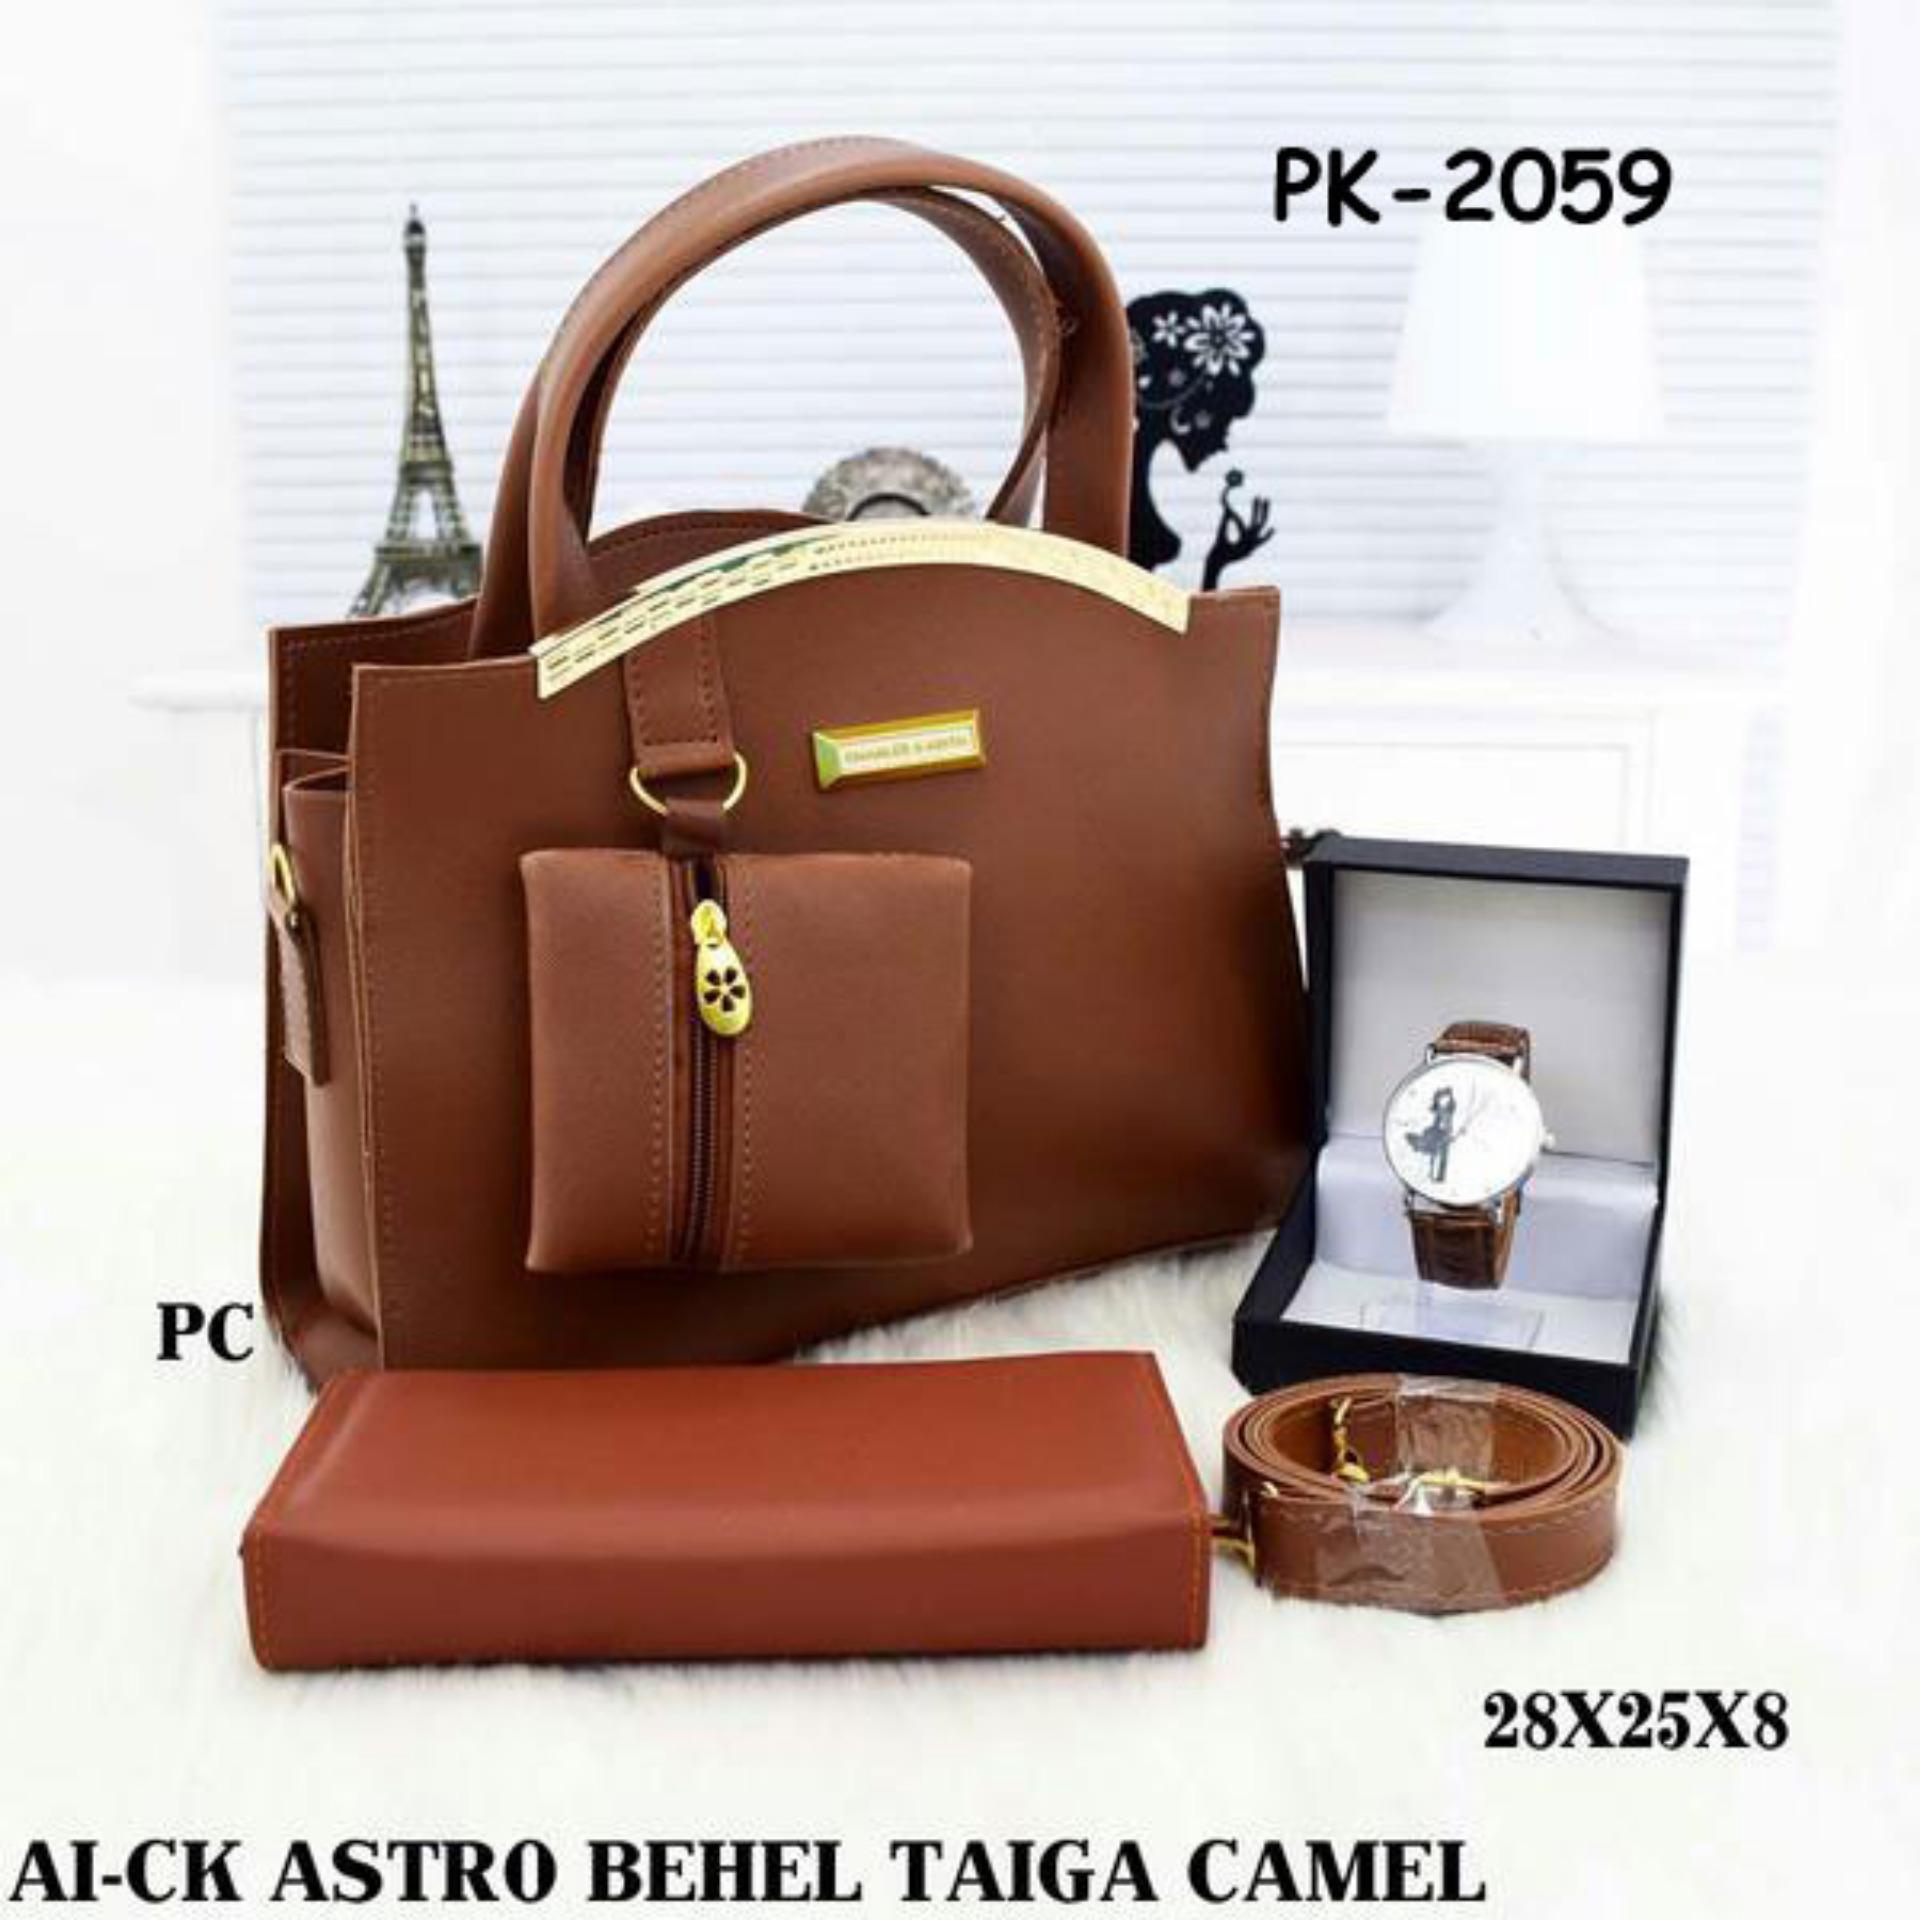 Tas Wanita Paket 3in1 Dompet Dan Jam Tangan 001 Daftar Harga  Branded Ck 00773 Set Cewek Astro Behel